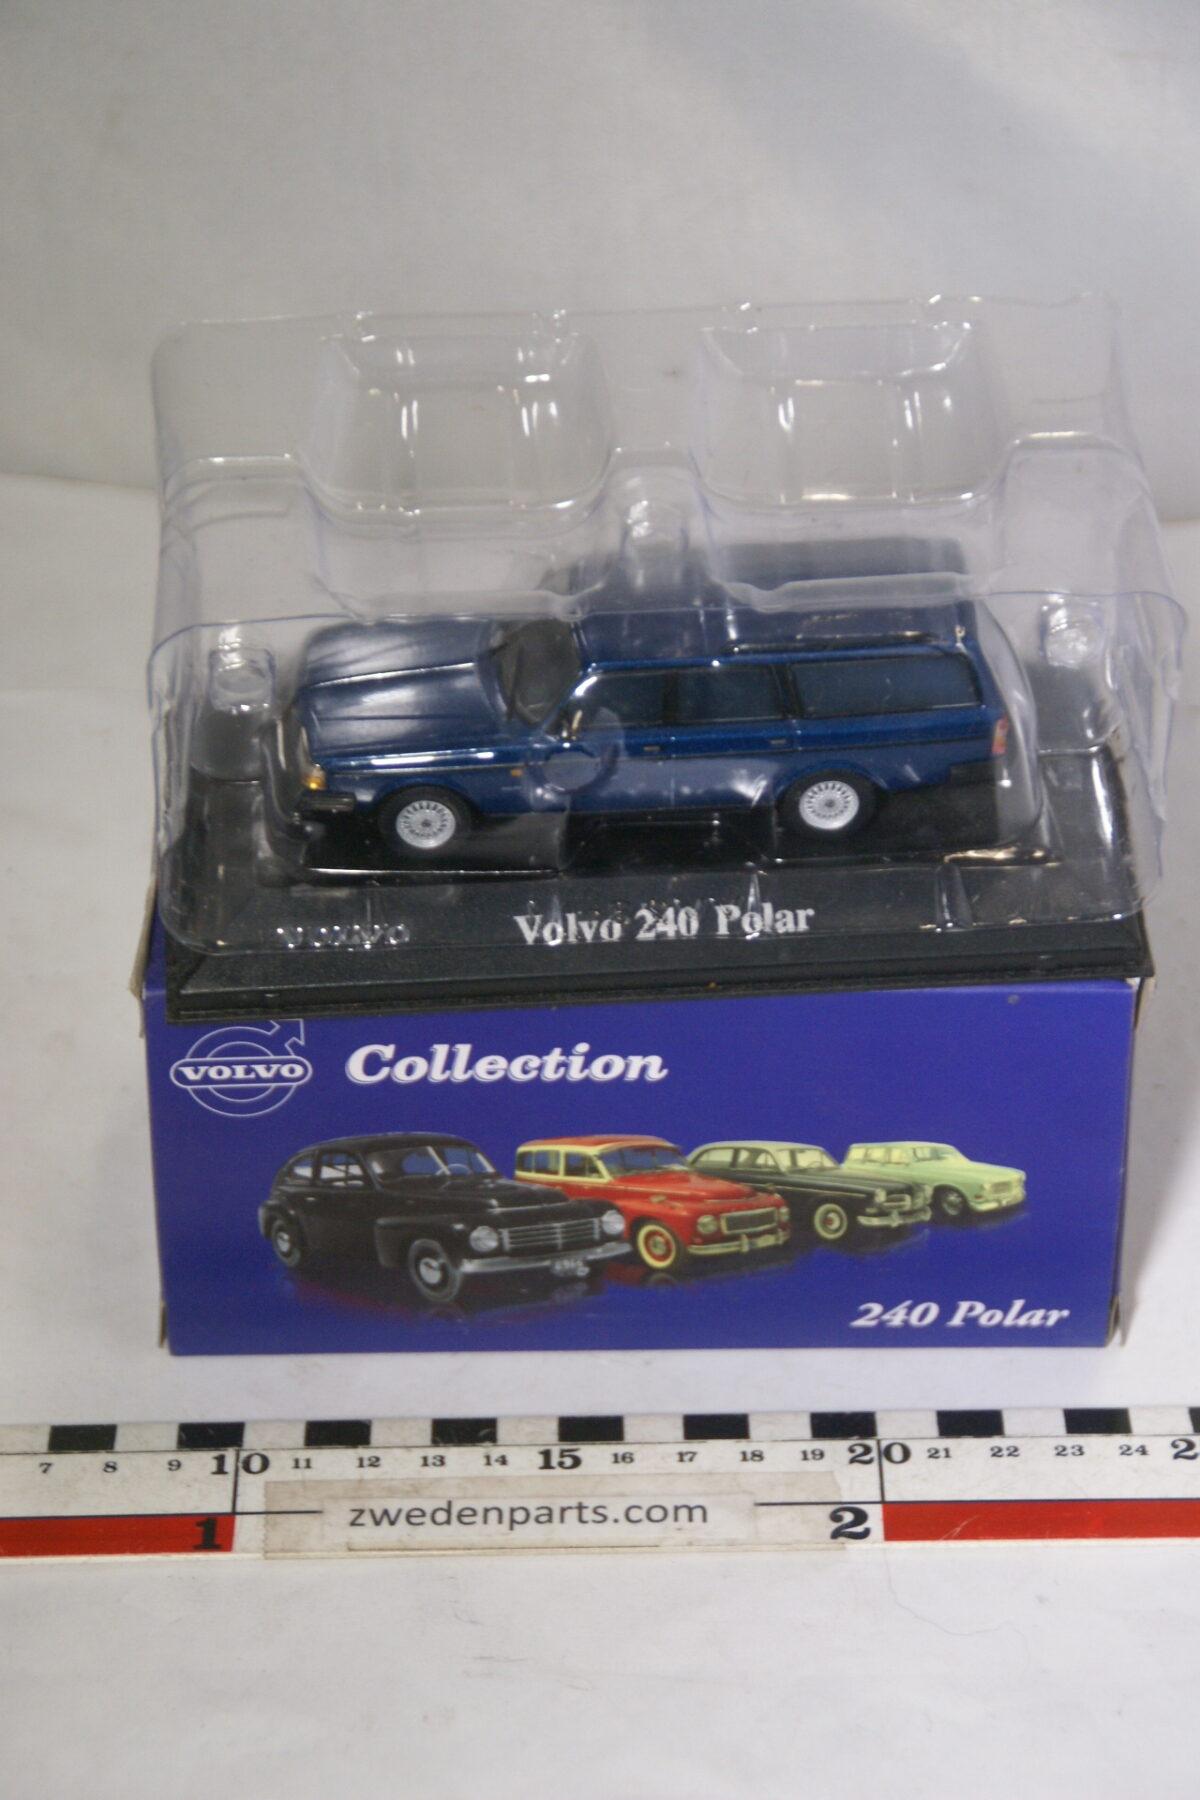 DSC00541 miniatuur Volvo 240 245 Polar patrol 1op43 Atlas 28 nieuw in originele verpakking-50103ff0